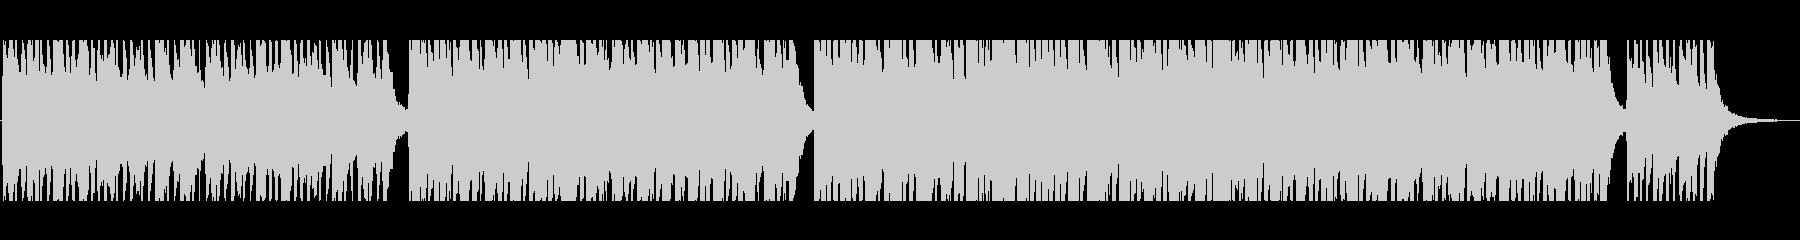 企業CM/PR動画/ピアノバイオリンの未再生の波形